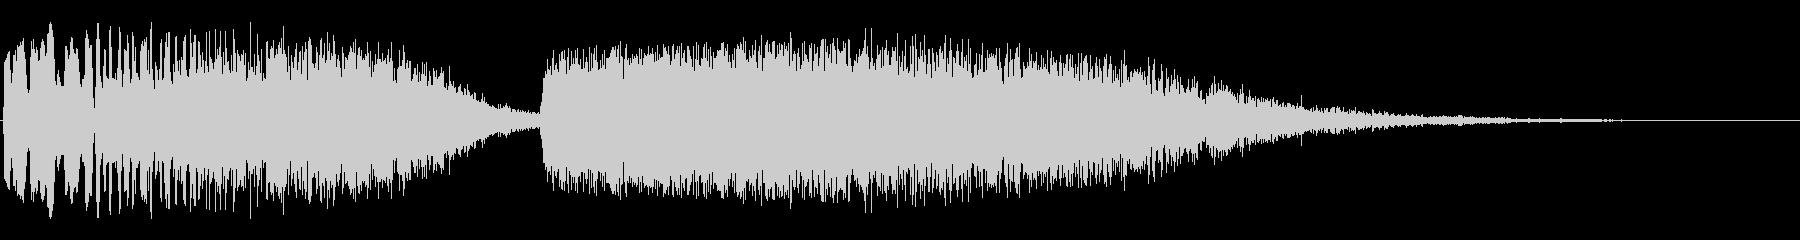 ジャララン(変身するときに使えそうな音)の未再生の波形